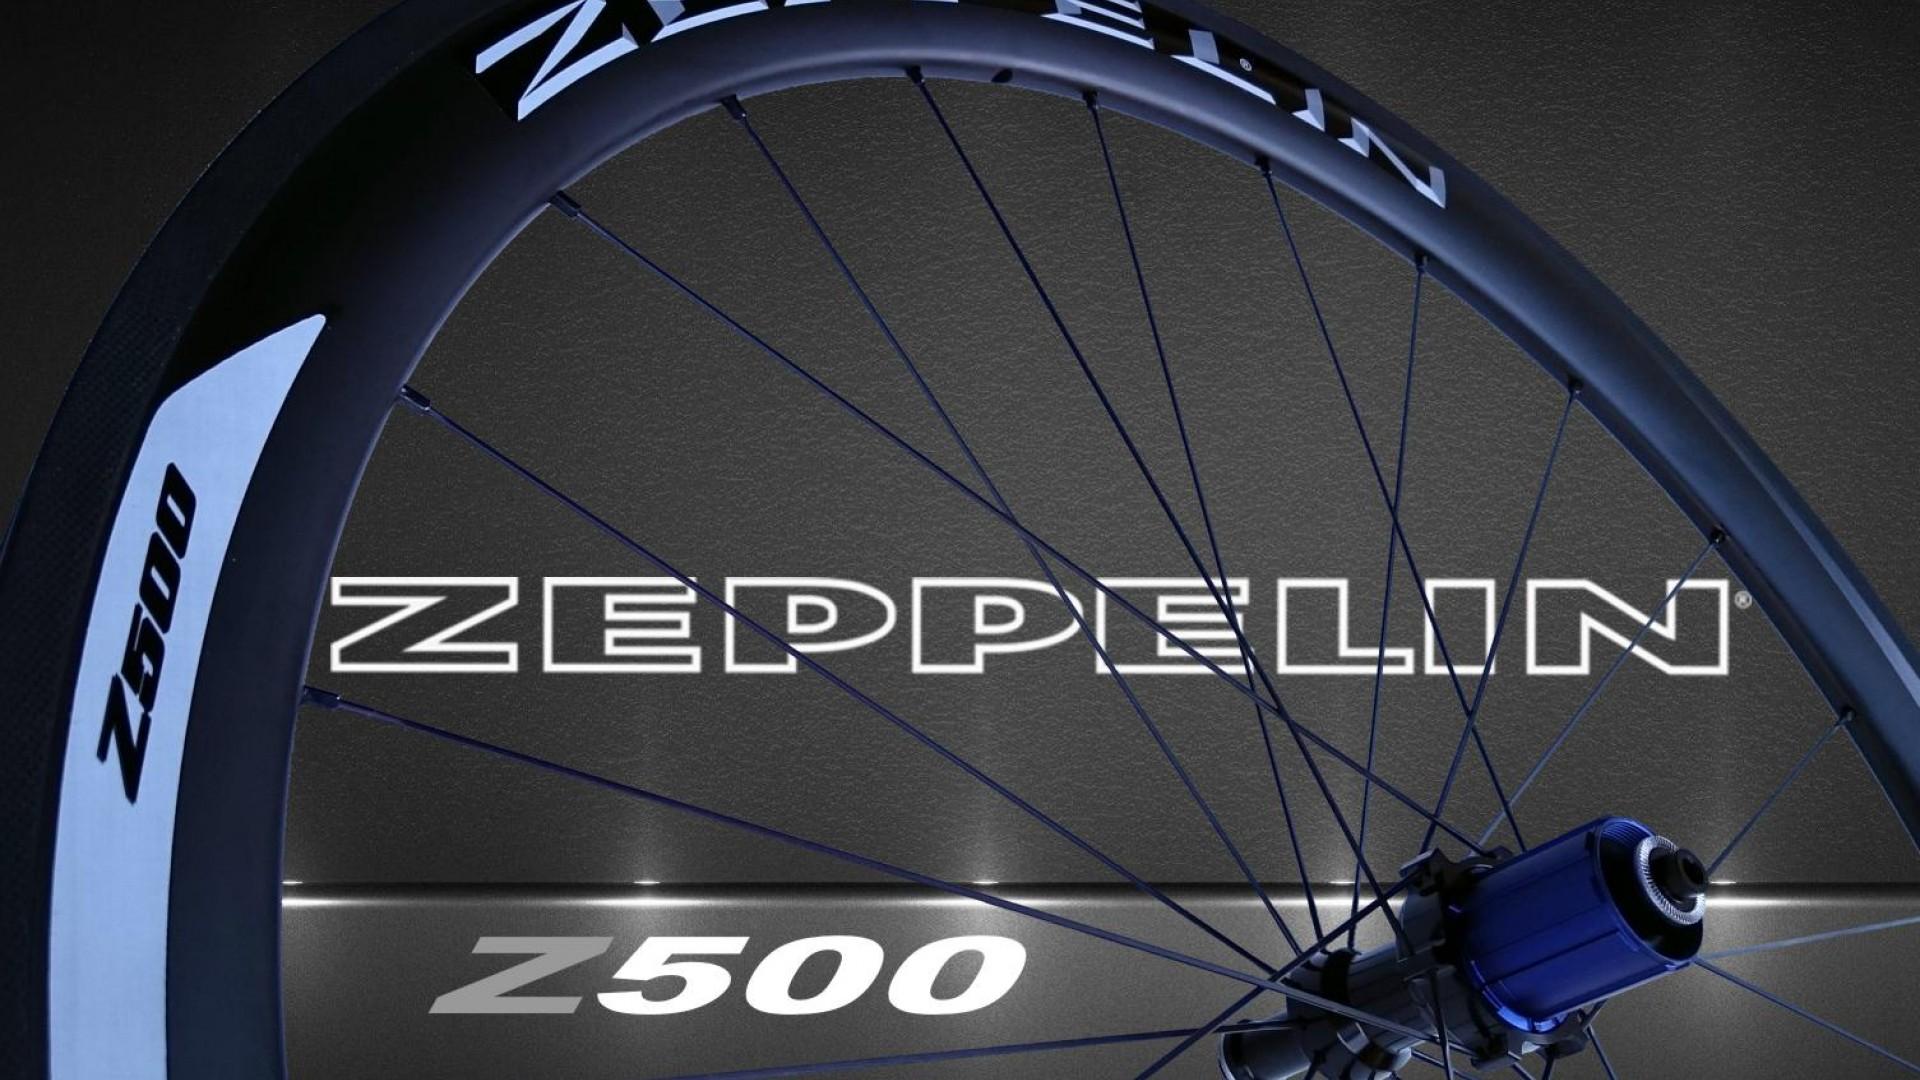 ZEPPELIN Z500